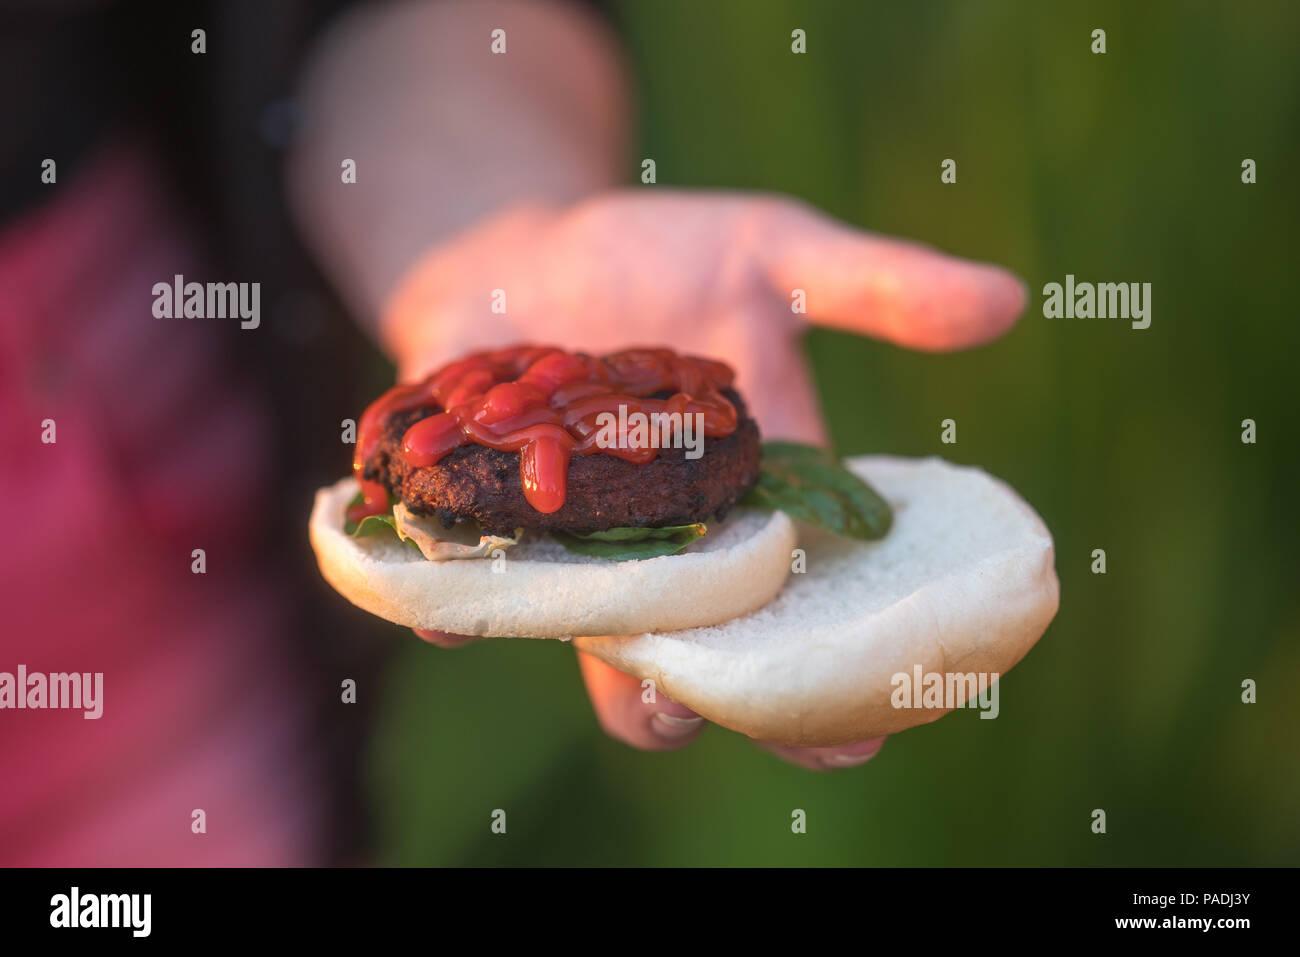 ketchup on hamburger, summer bbq at festival, camping Stock Photo